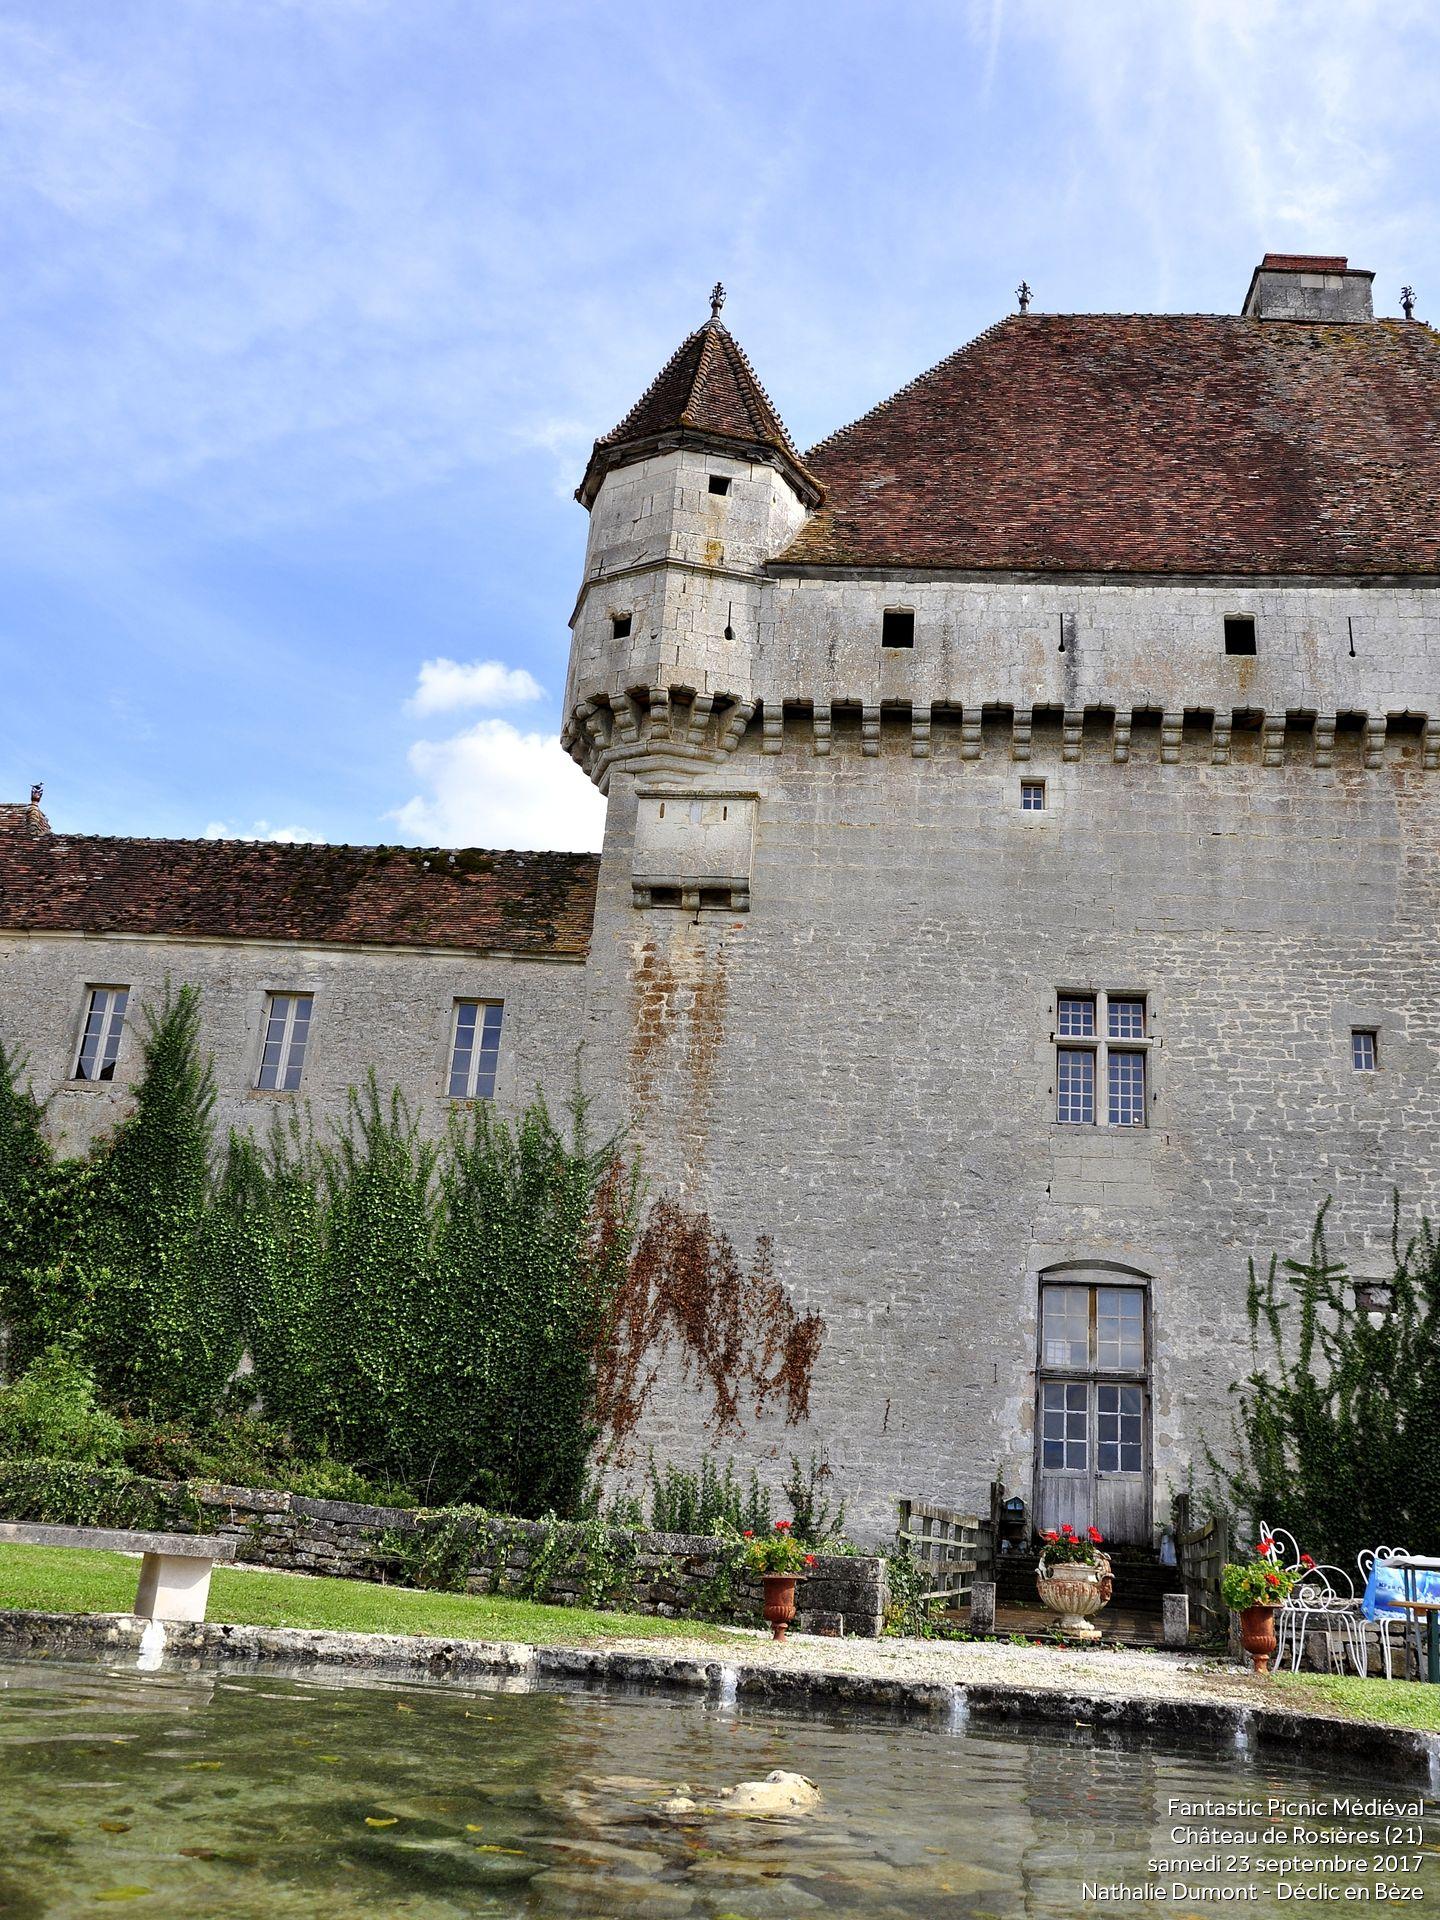 """Le lieu idéal pour un """"Fantastic Picnic"""" médiéval !"""